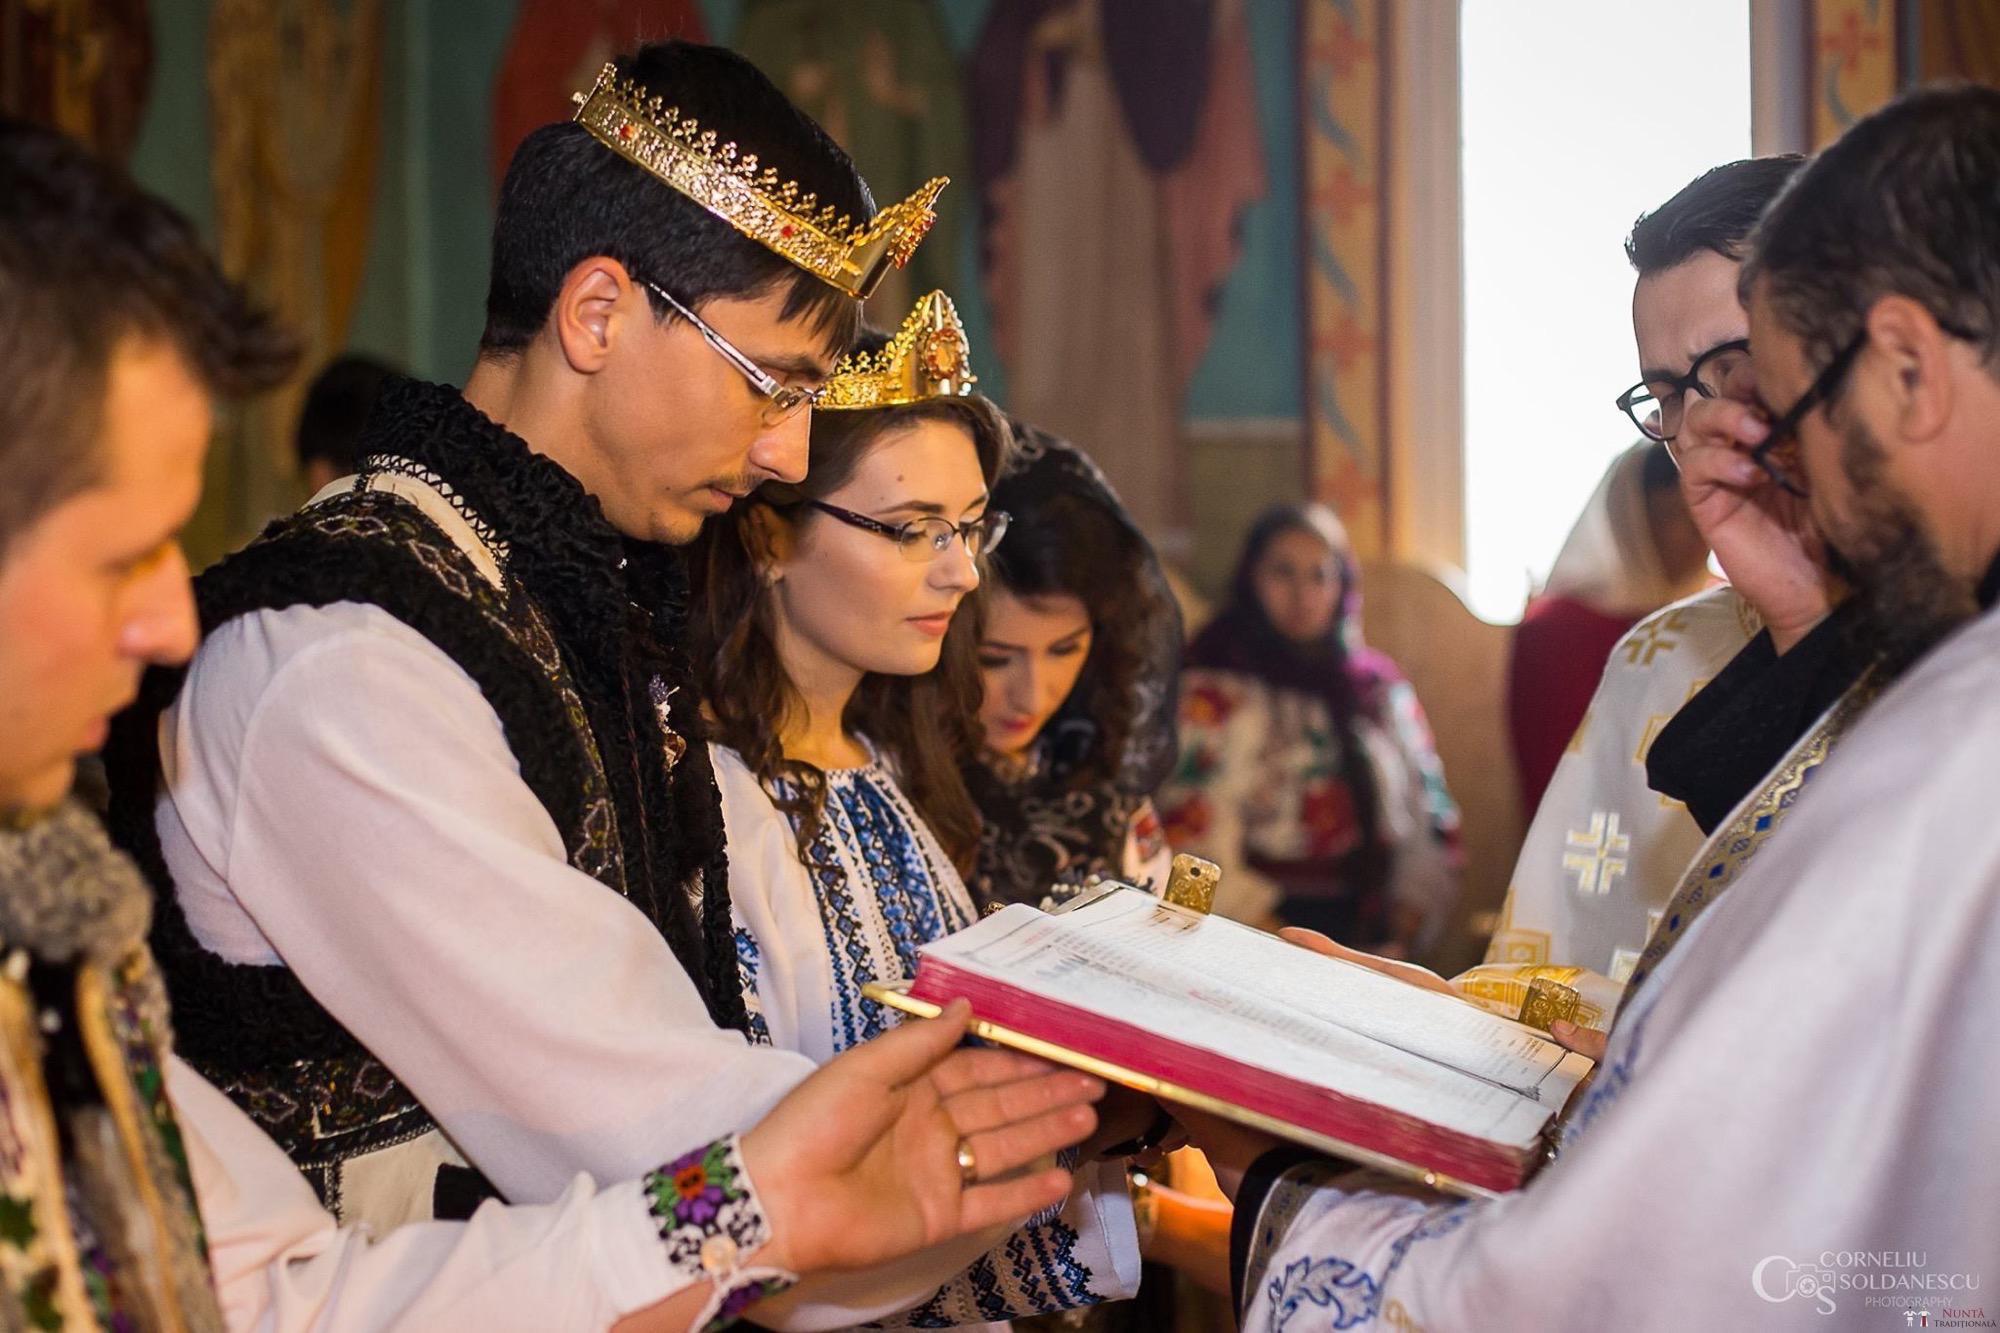 Povești Nunți Tradiționale - Ioana-Alexandra și Bogdan-Vasile. Nuntă tradițională în Fălticeni 34